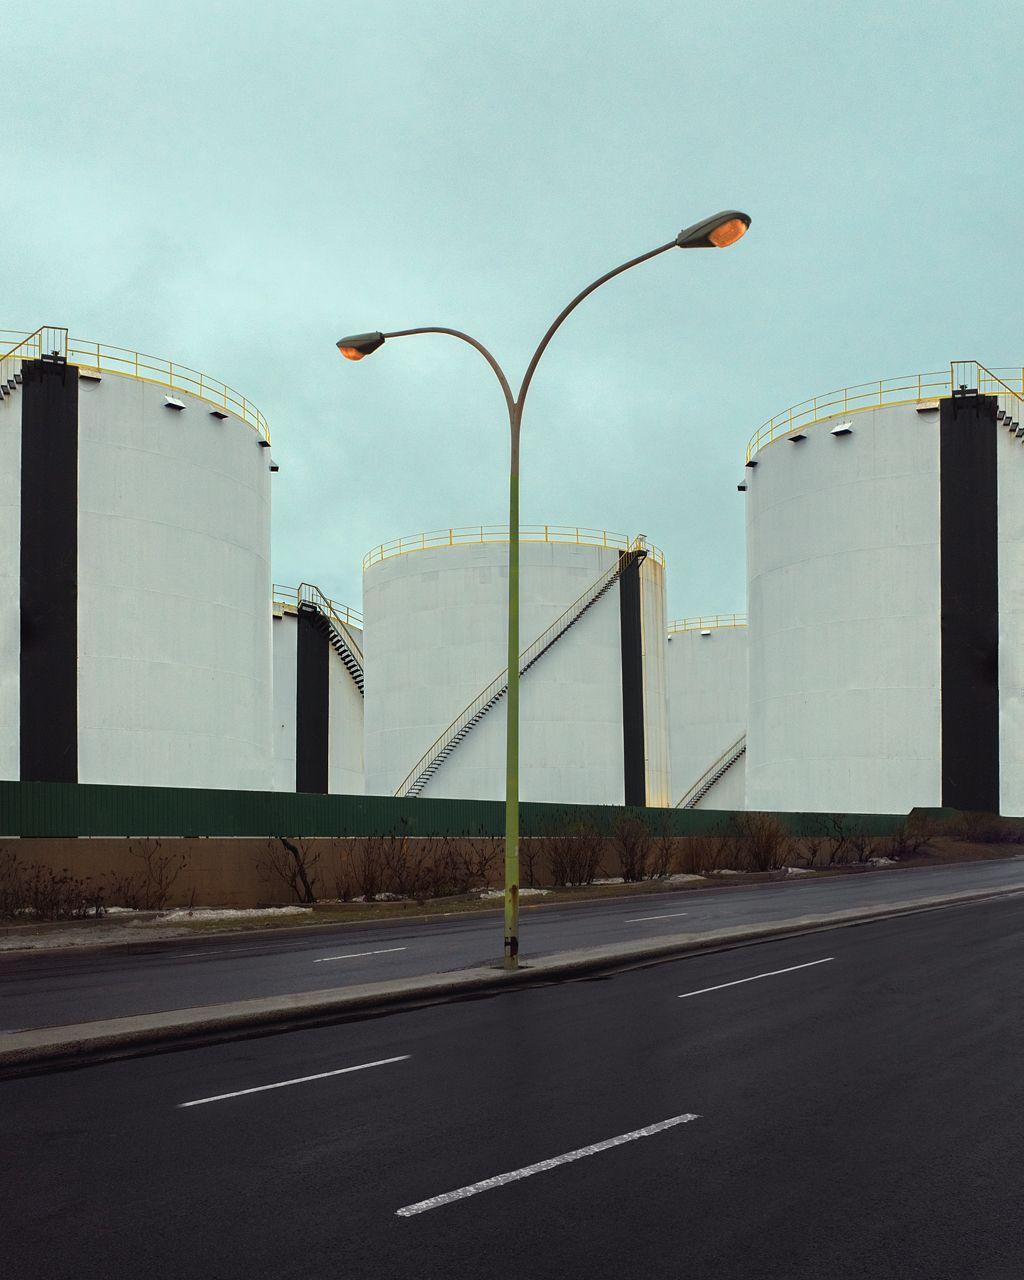 lensblr-network:  Visions\ théâtralisation du banal quotidien/ Montréal raffinerie by benoitp.tumblr.com